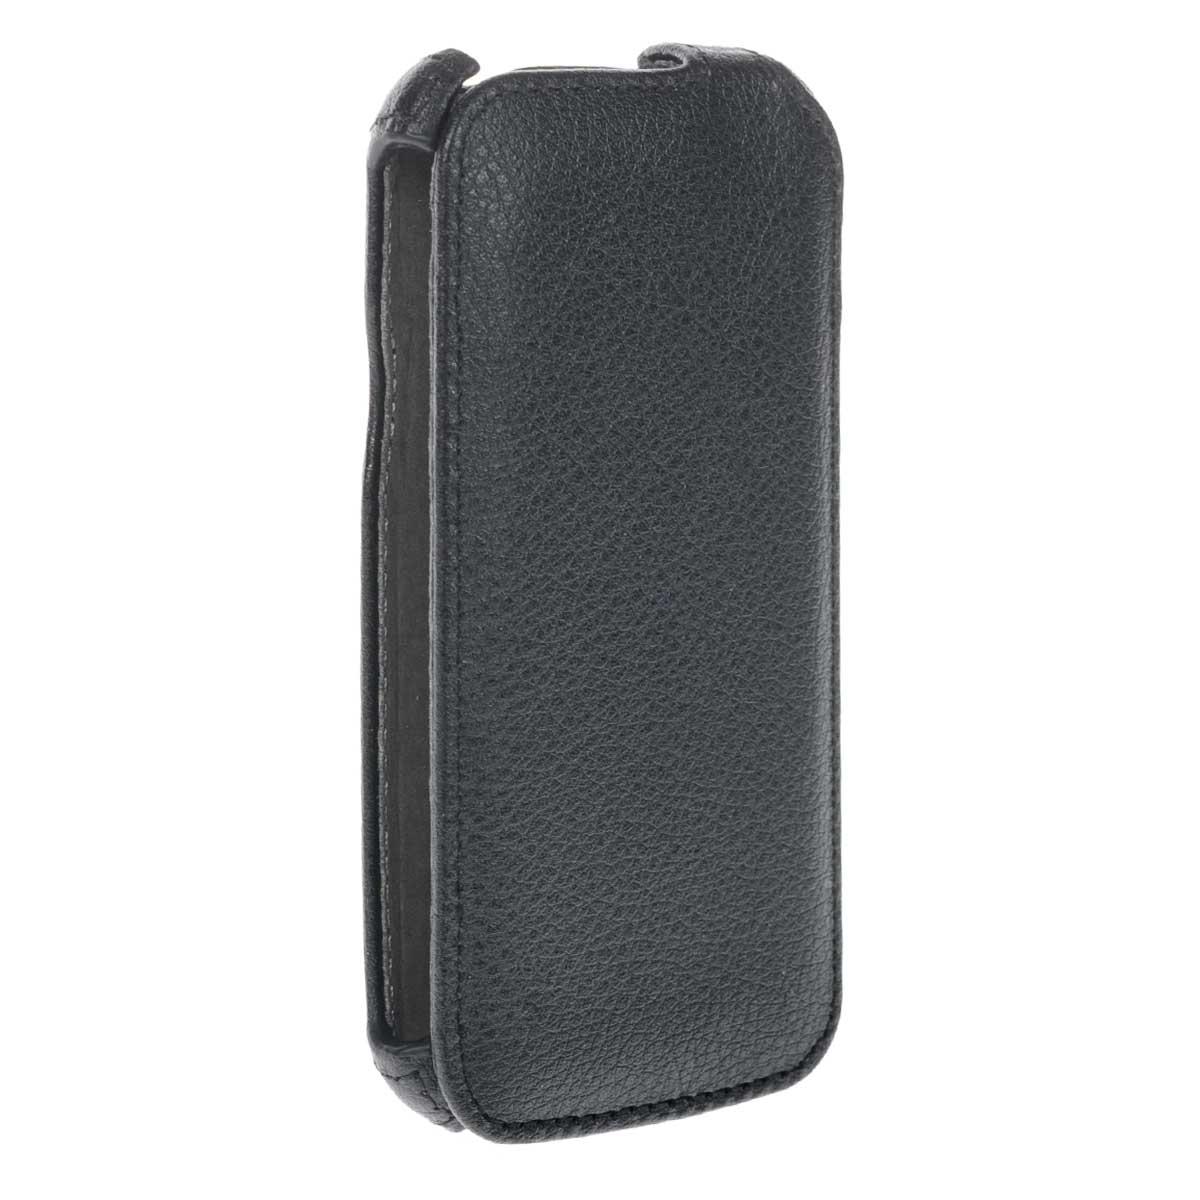 Ecostyle Shell чехол-флип для HTC Desire U, BlackESH-F-HTCU-BLЧехол-флип Ecostyle Shell для HTC Desire U надежно защитит ваш телефон от механических повреждений, грязи и пыли. Конструкция чехла обеспечивает свободный доступ к разъемам, камере и основным функциям смартфона. Мягкая внутренняя поверхность защищает экран устройства от царапин.